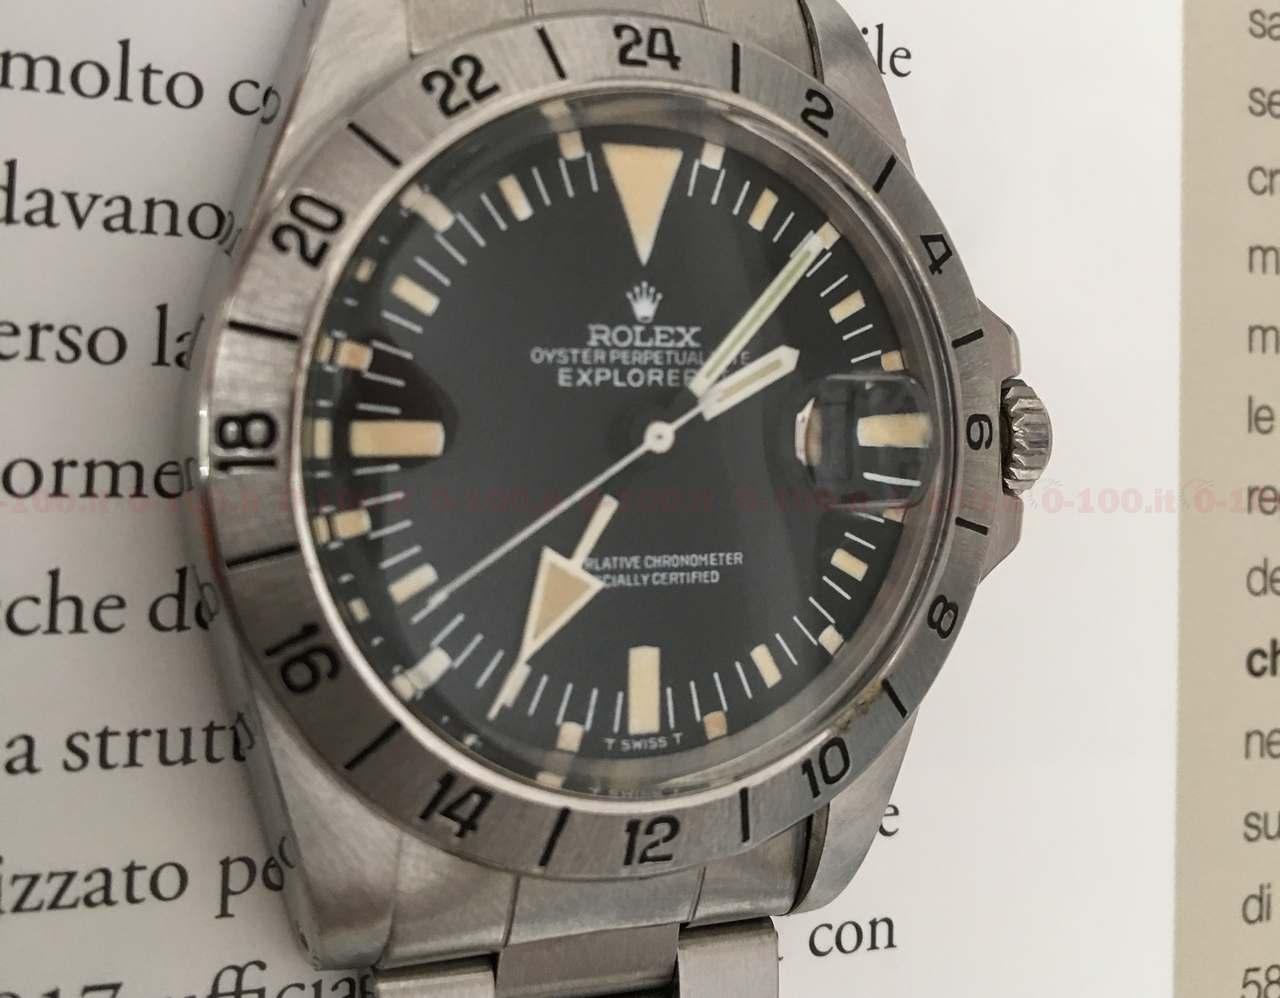 Rolex Explorer II Ref. 1655_ il Freccione_prezzo_price_price_0-1002